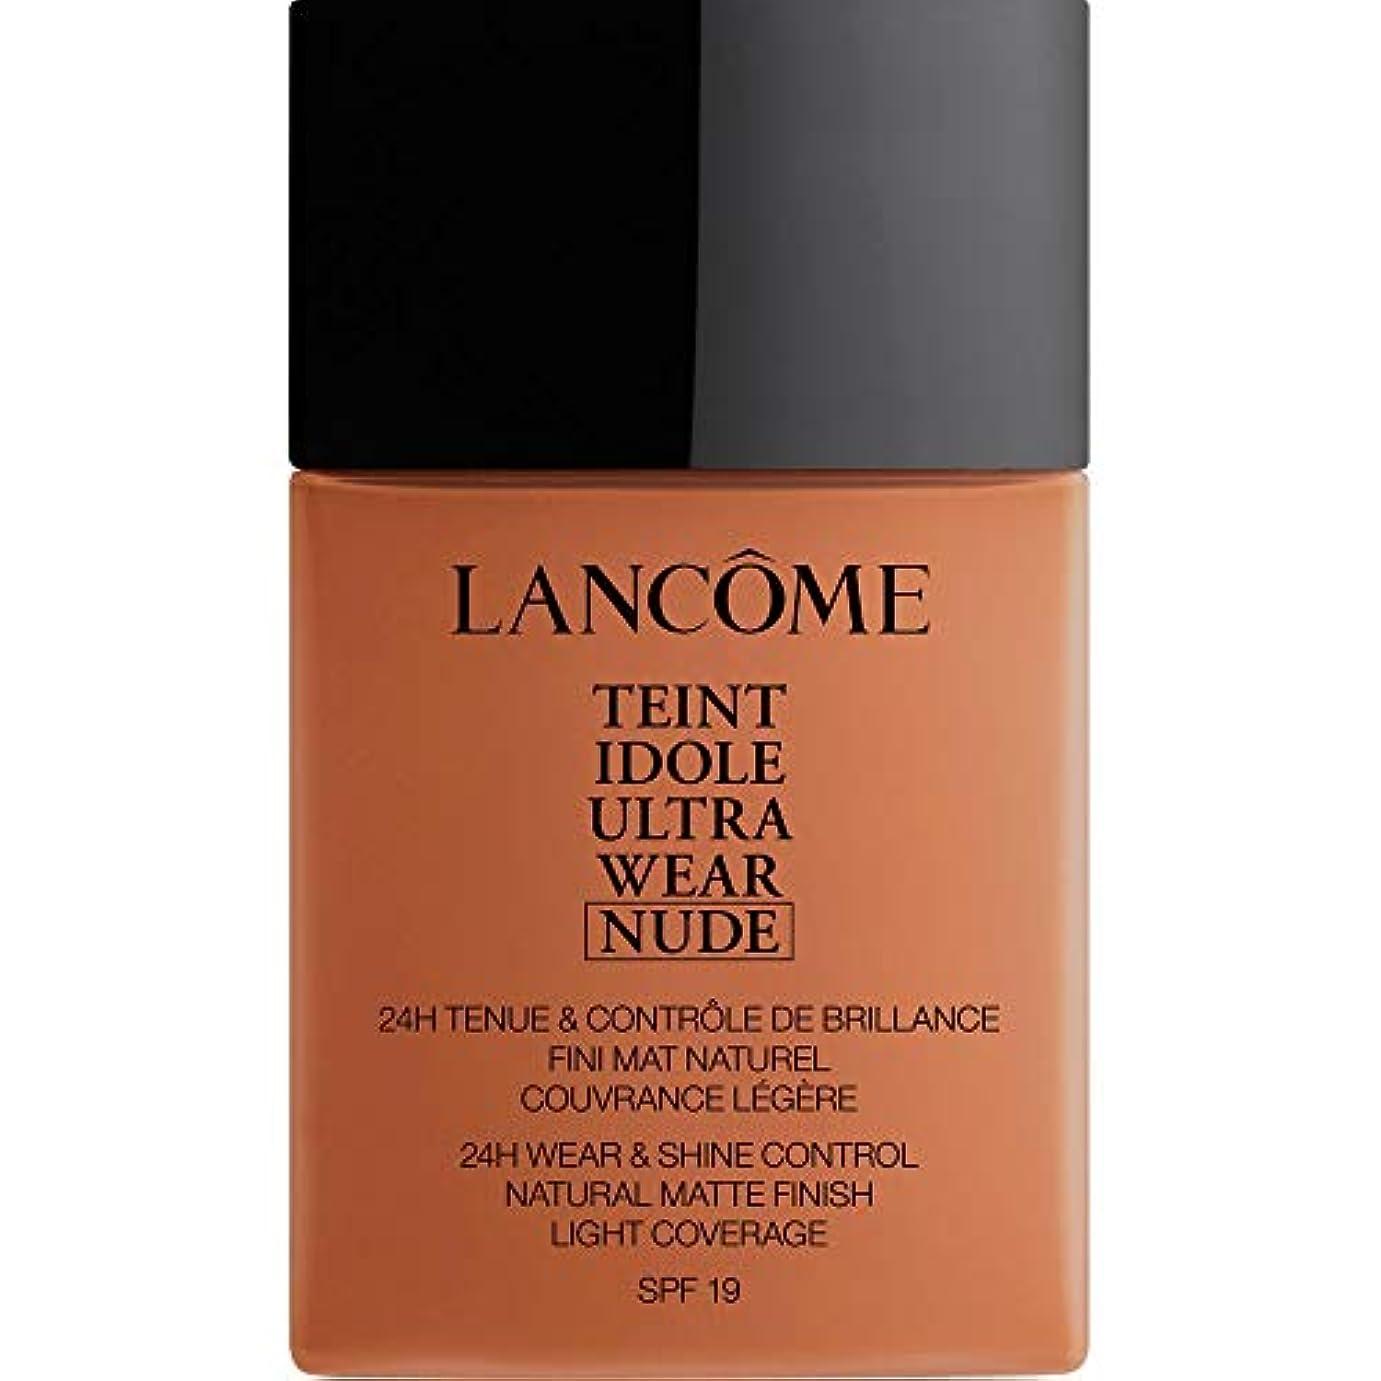 盟主運ぶペレグリネーション[Lanc?me ] アカジュー - ランコムTeintのIdoleは、超ヌード基礎Spf19の40ミリリットル10.1を着用します - Lancome Teint Idole Ultra Wear Nude Foundation...